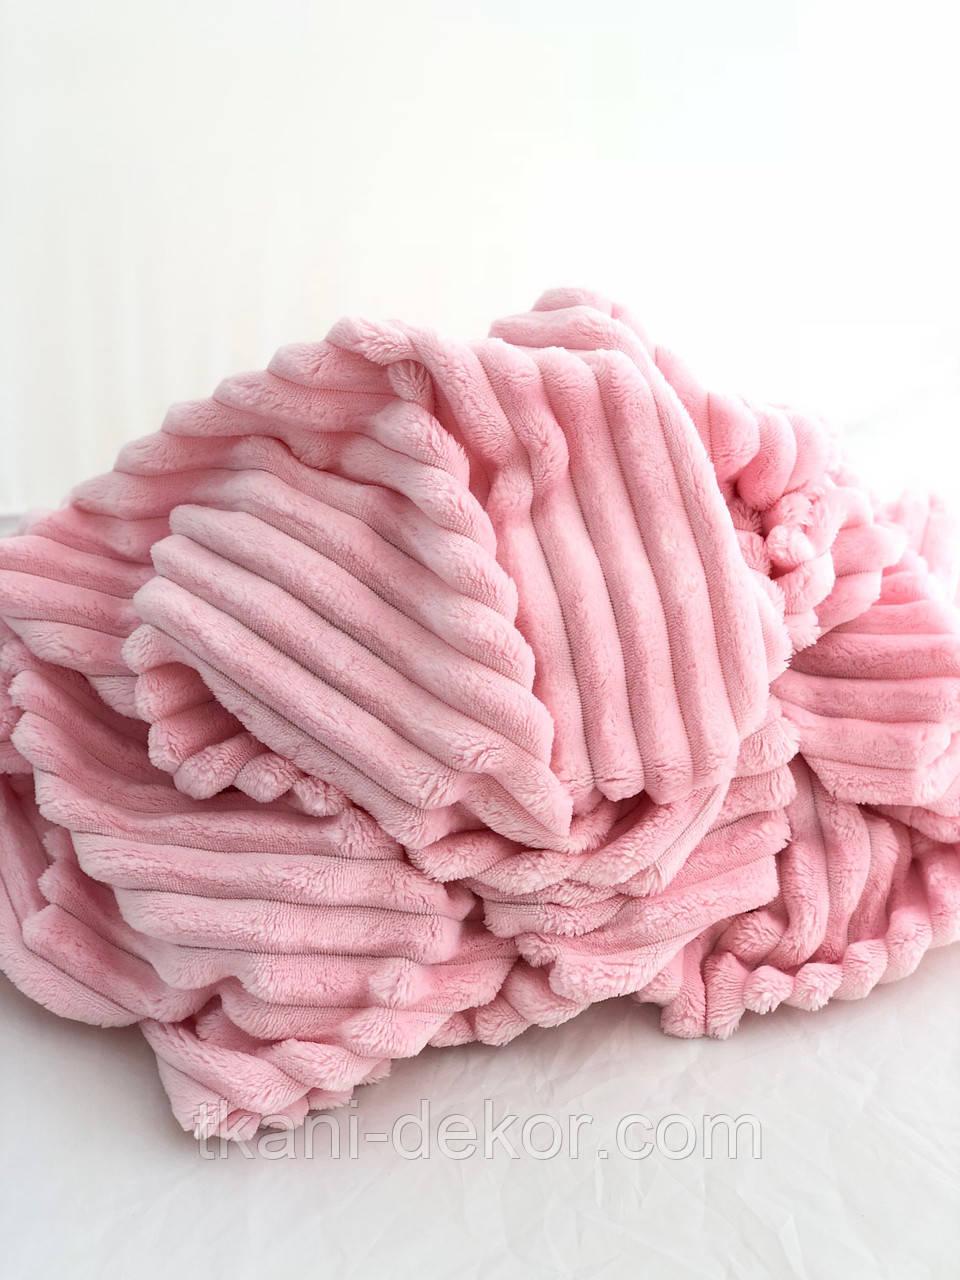 Плюшевая ткань Minky Stripes розового цвета (шарпей)